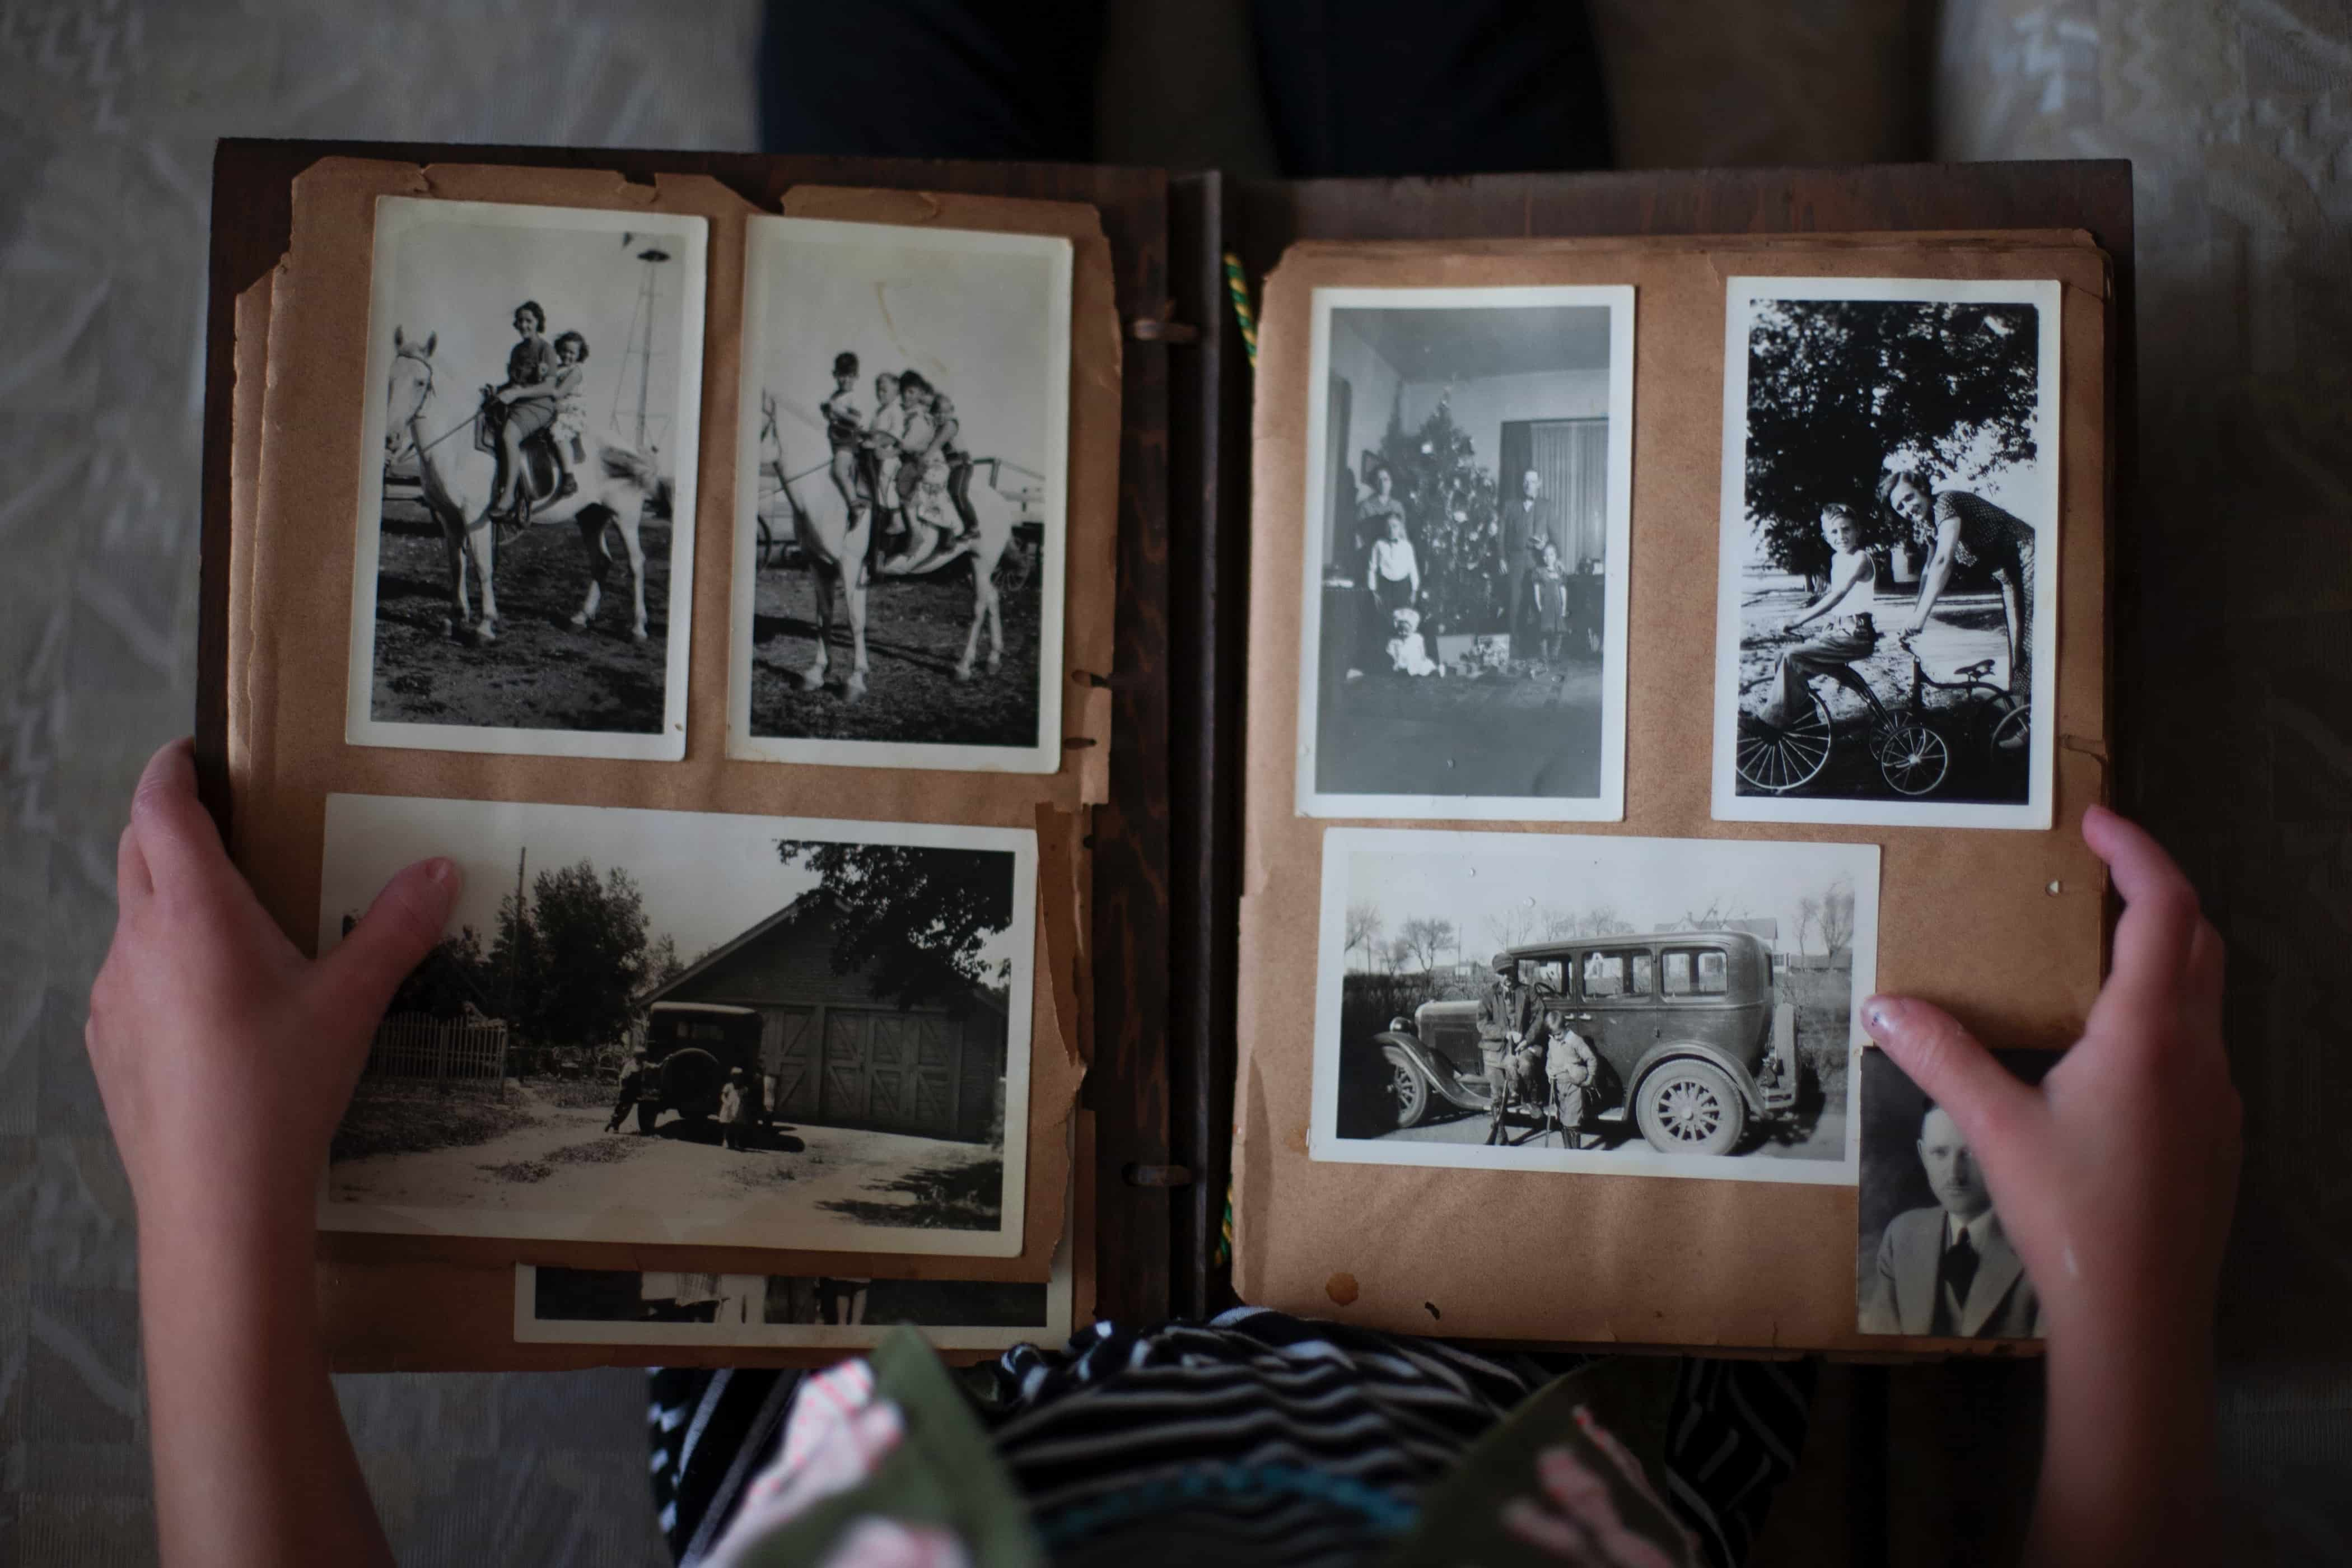 Darmowe zdjęcia - album